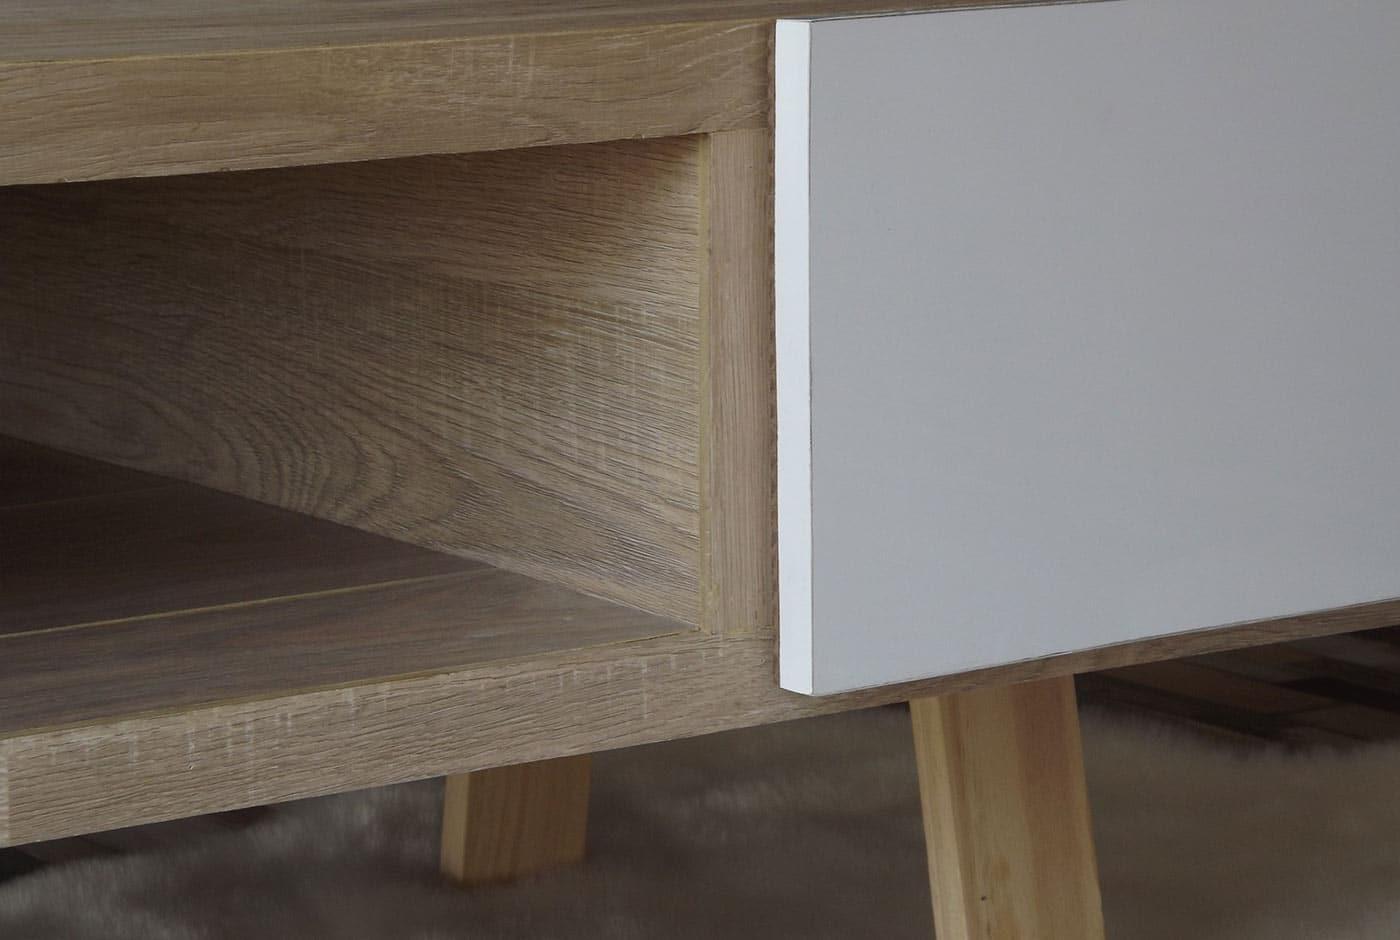 table basse aux mati re et couleur naturelles le bois et le blanc. Black Bedroom Furniture Sets. Home Design Ideas